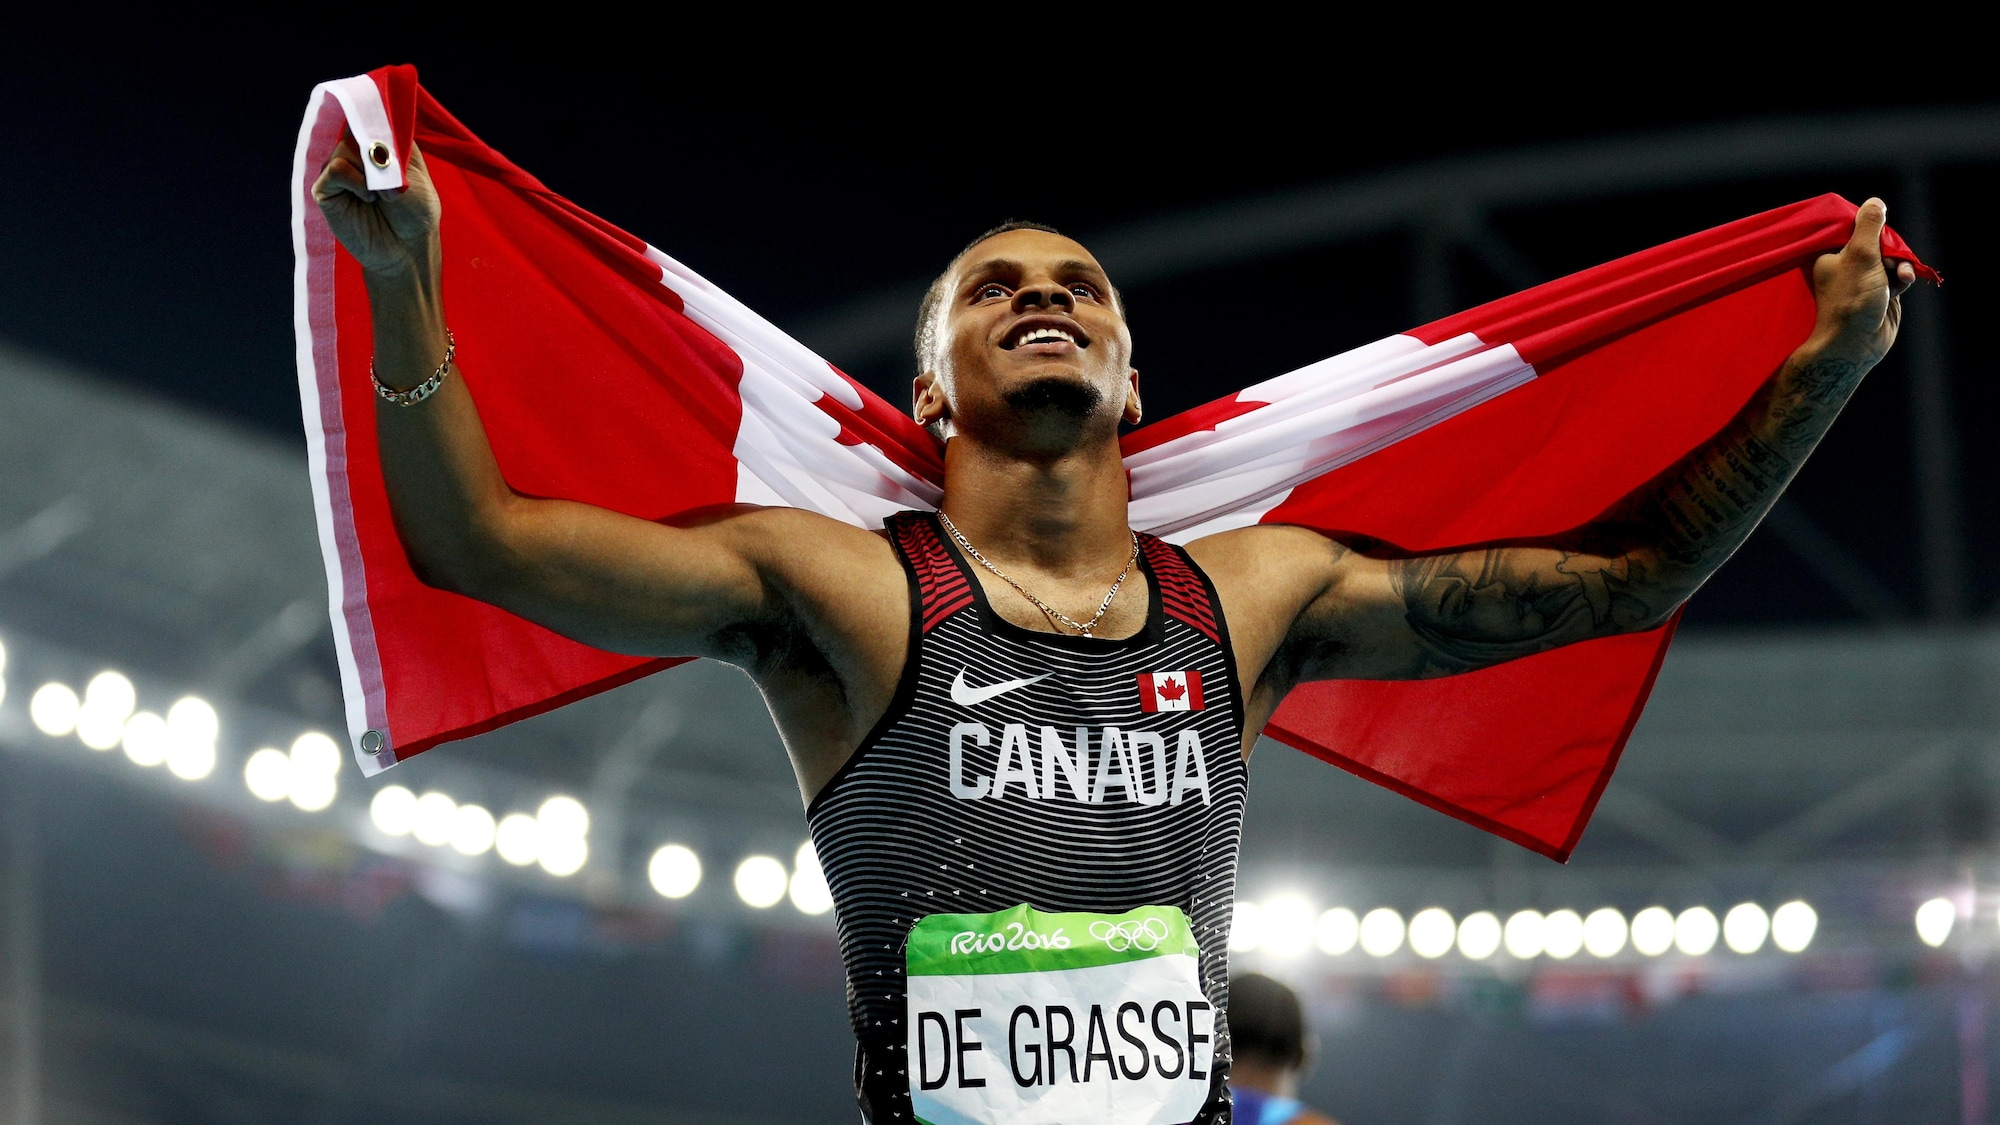 Andre De Grasse a marqué l'histoire aux Jeux olympiques de Rio grâce à ses trois médailles dans les épreuves de sprint.